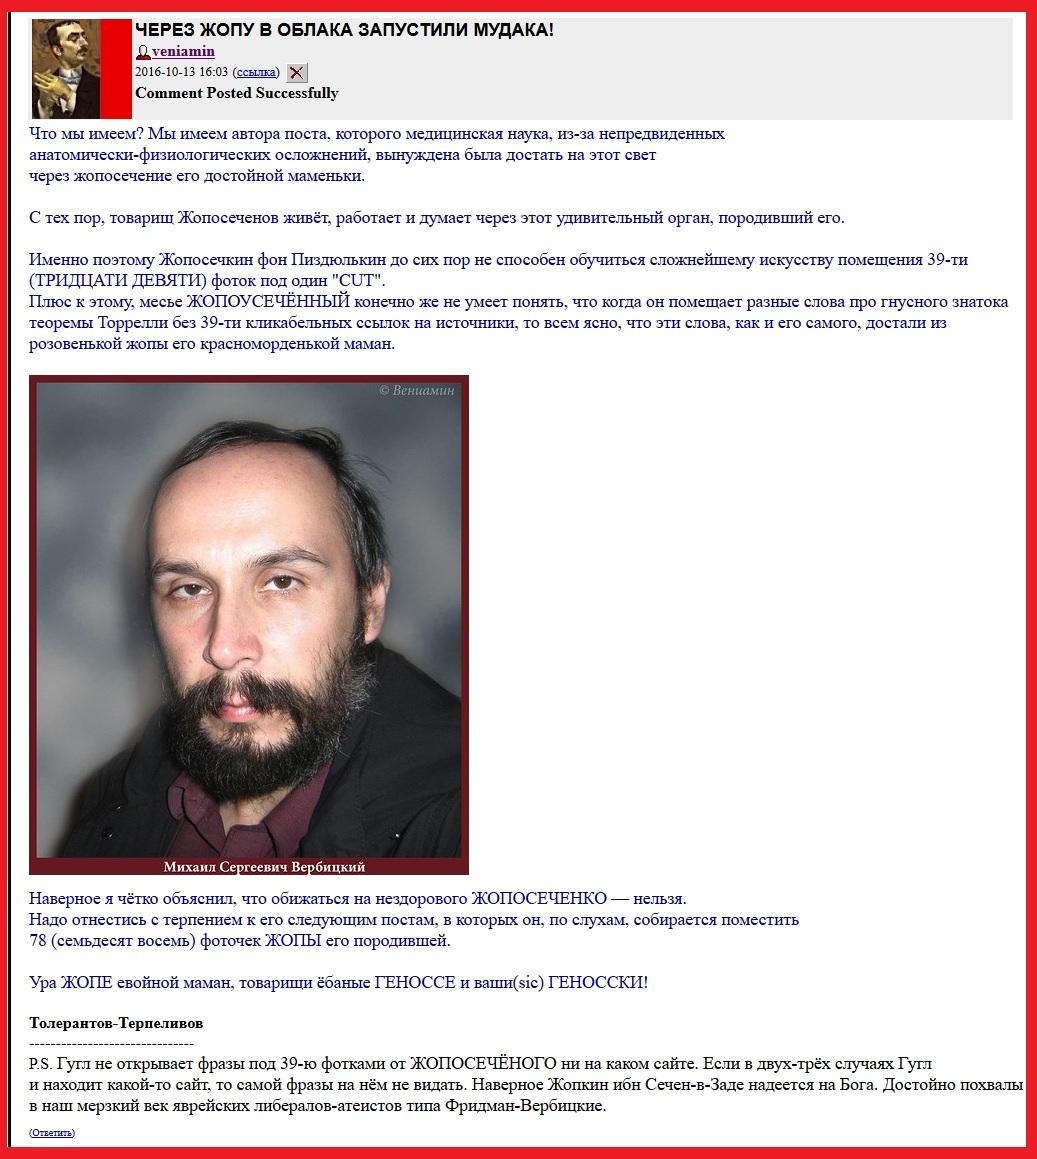 Петрухин, Комментпуб, Вербицкий, ЛЖР, Подляна